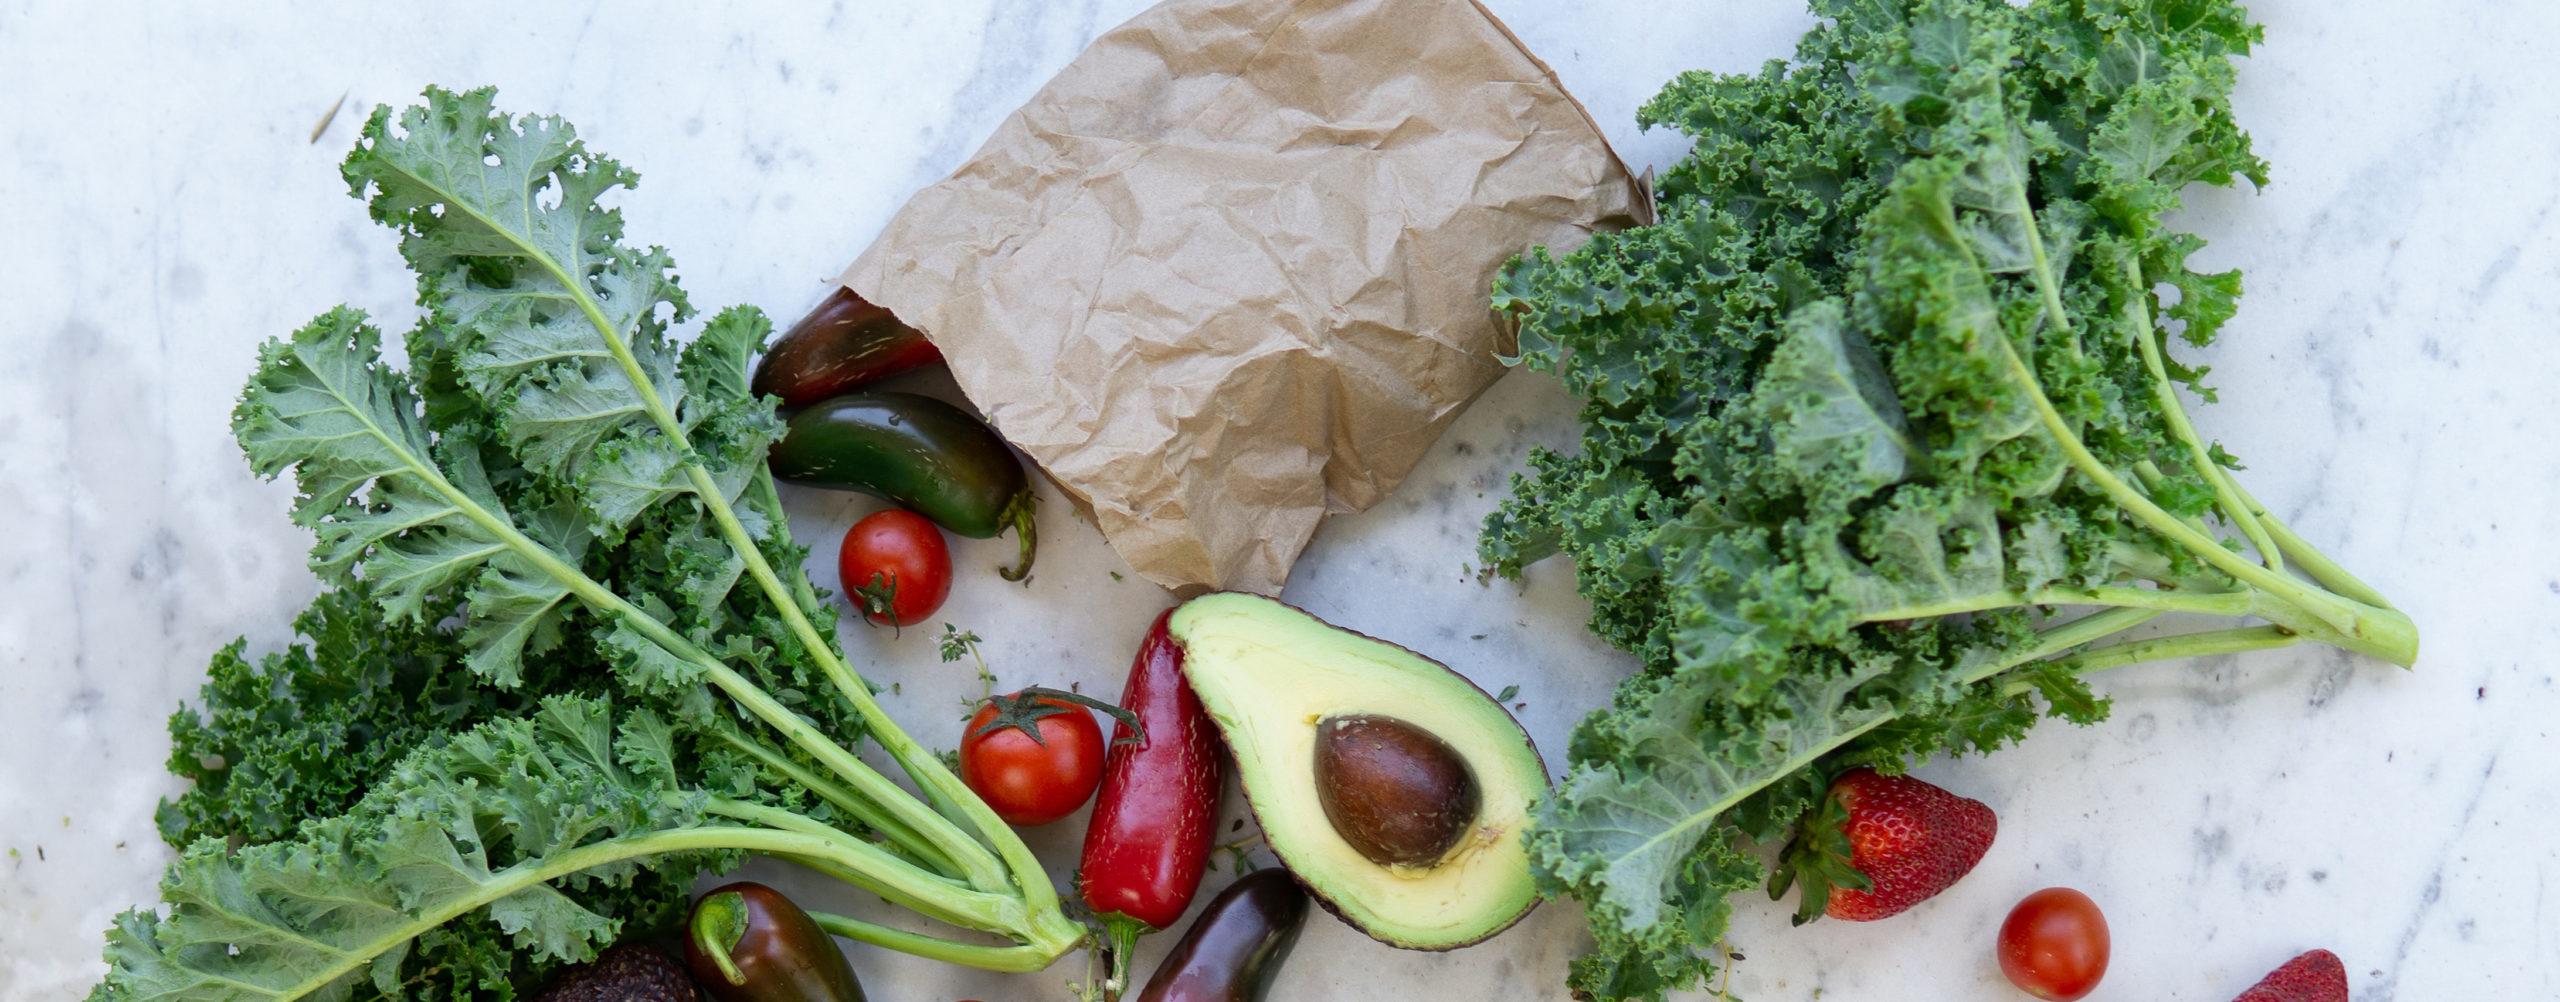 Alimentos orgánicos: ¿cuáles son sus beneficios?